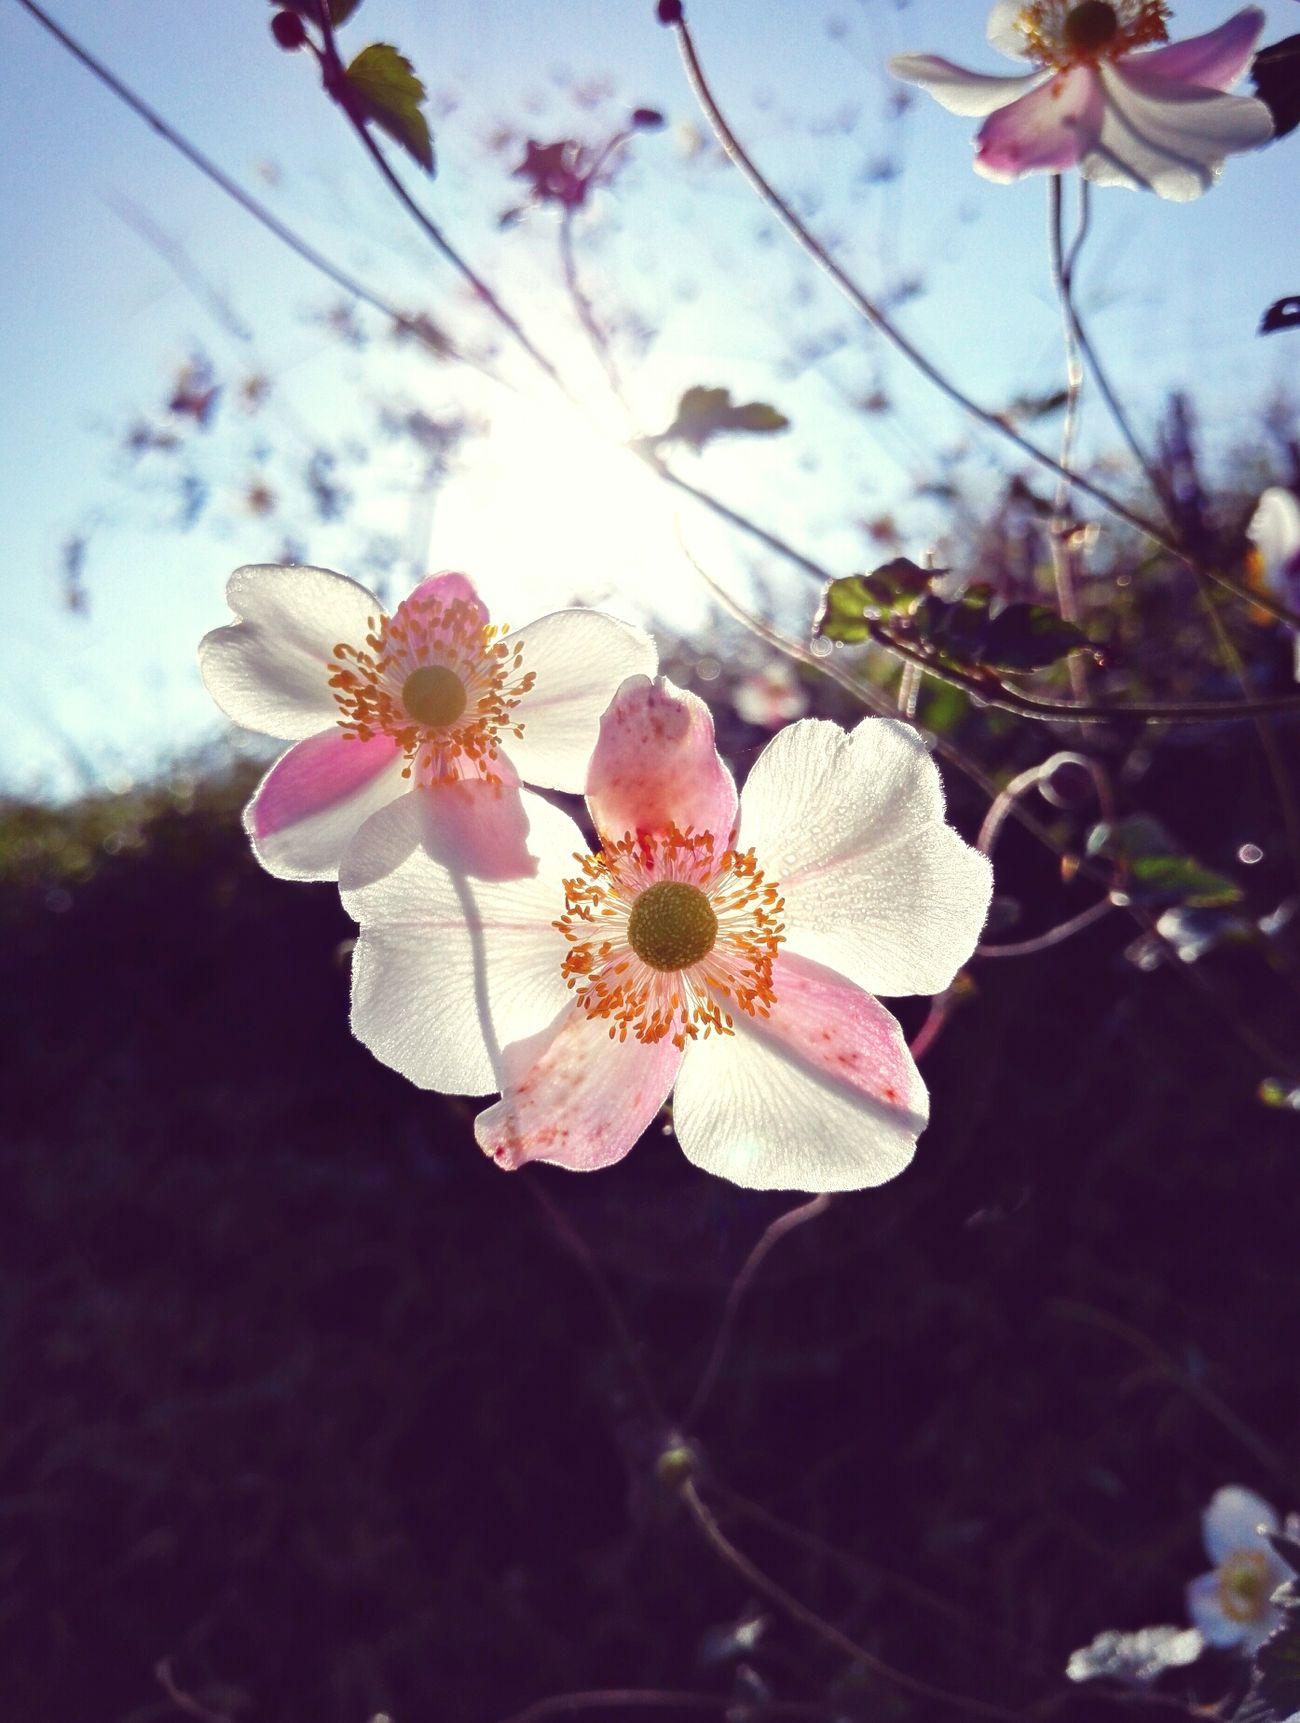 逆光的花 Flower 花朵 Flower Head flower#garden#nature#ecuador#santodomingoecuador#eyeEmfollowers#iphoneonly#nofiltrer#macro_garden#pretty#beautifulfollowmesho